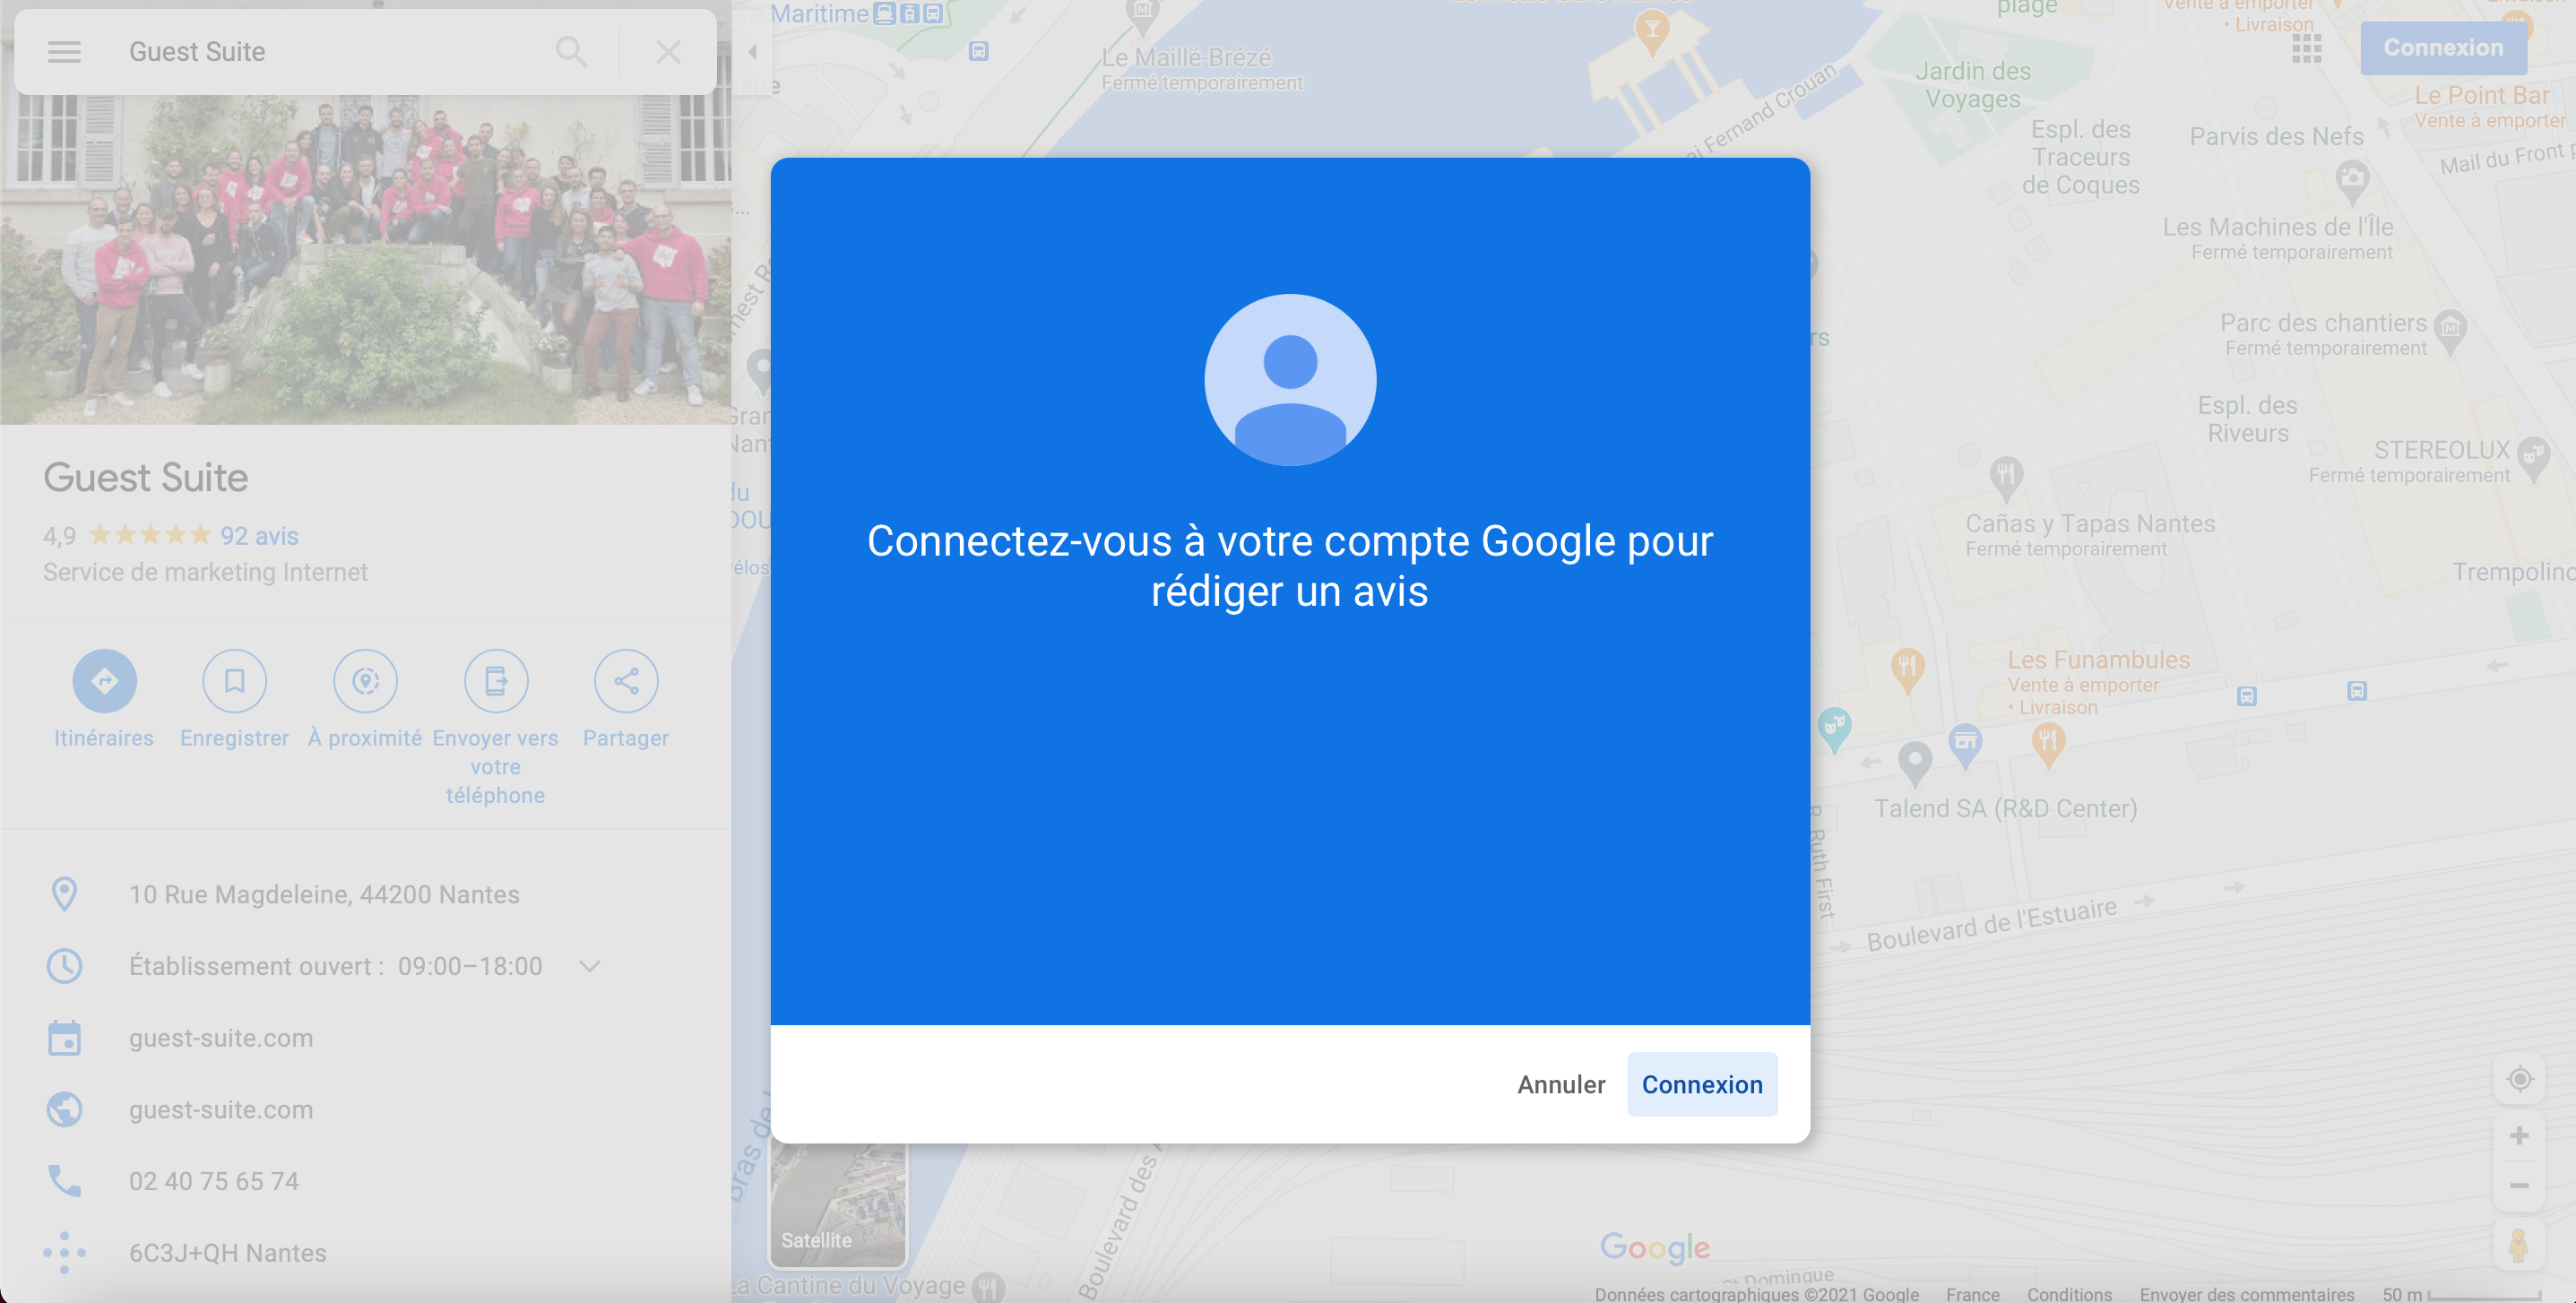 Laisser-un-avis-GMB-sans-compte-Google-1